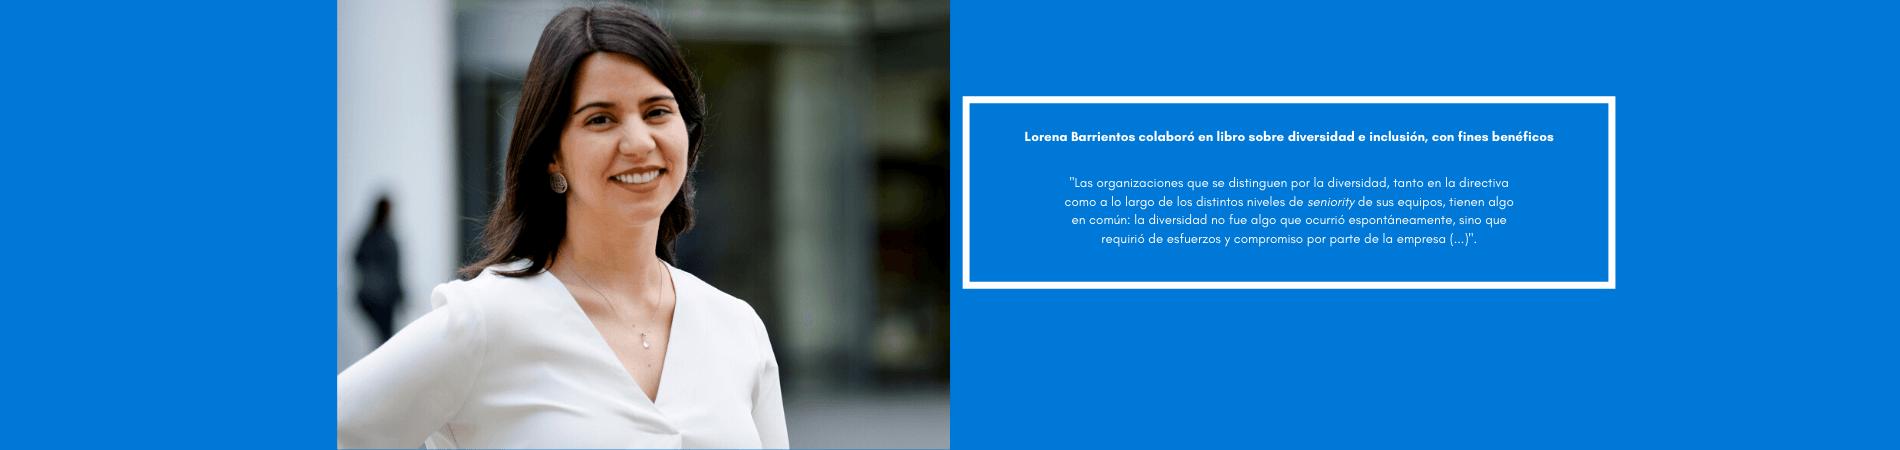 Lorena Barrientos colaboró en libro internacional sobre diversidad e inclusión con fines benéficos